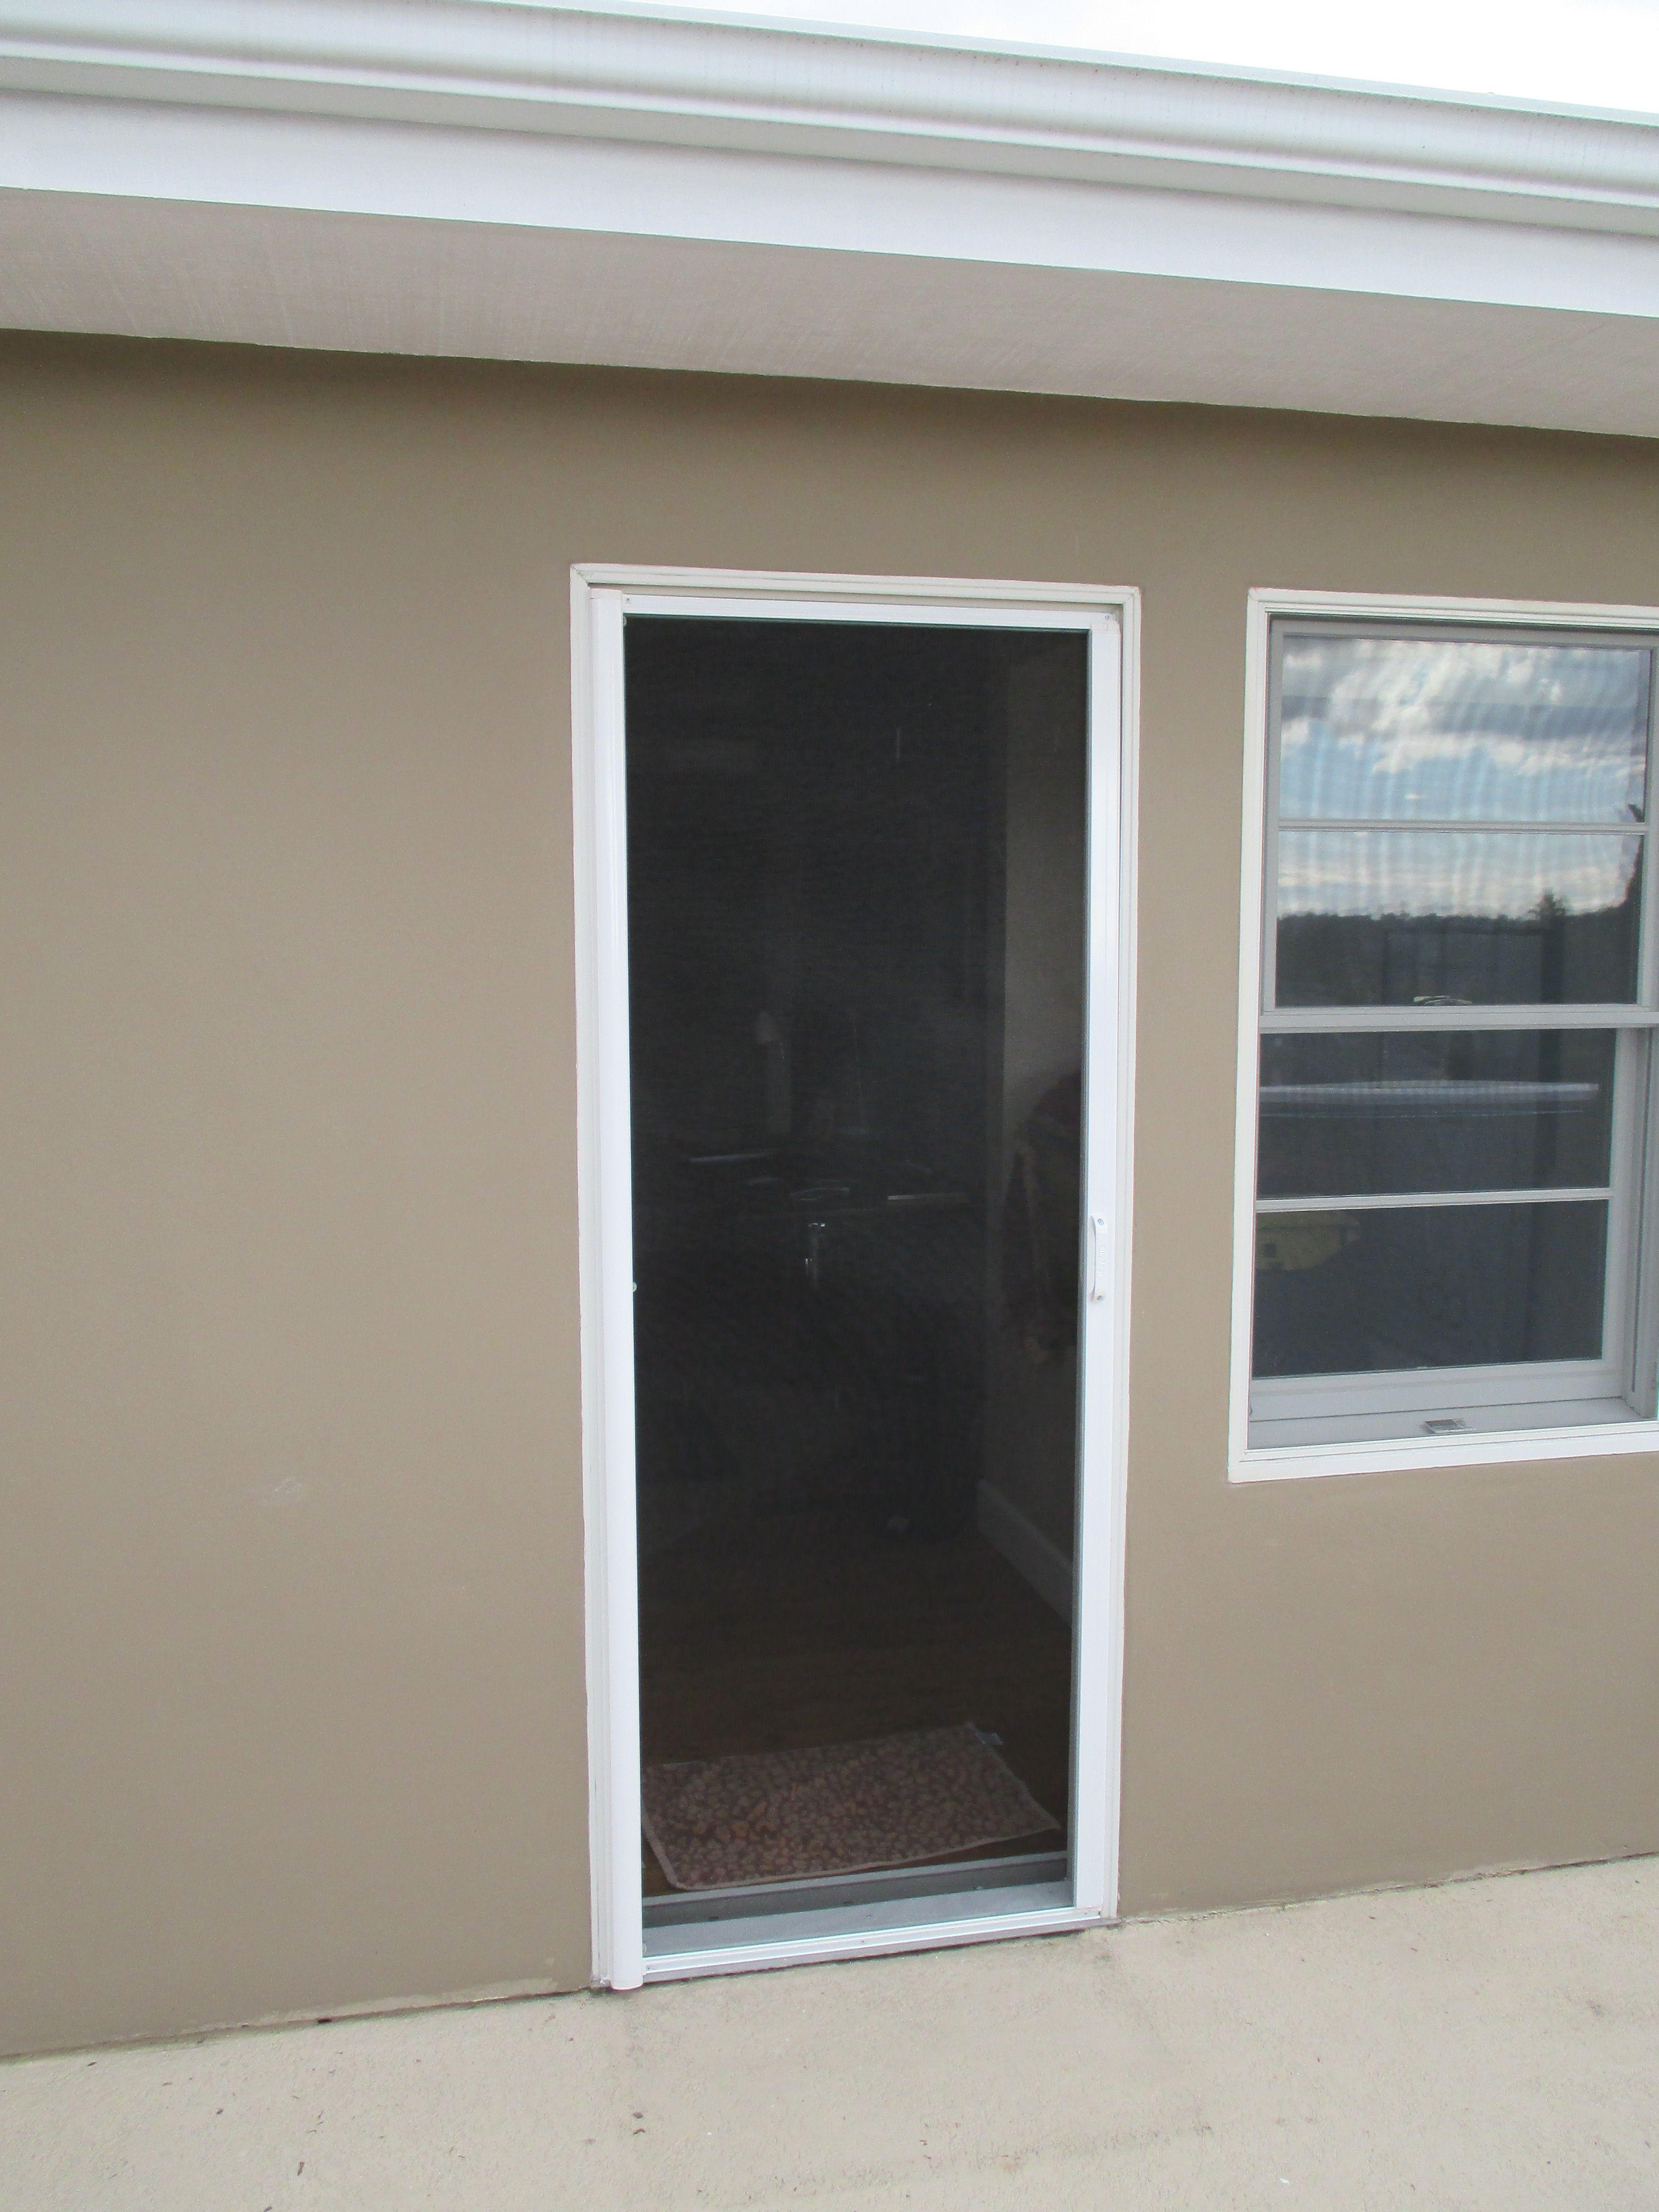 Single White Stowaway Retractable Screen Door With Black Fiberglass Mesh Just Installed On Upstairs Balcony Door Single French Door Balcony Doors Single Doors